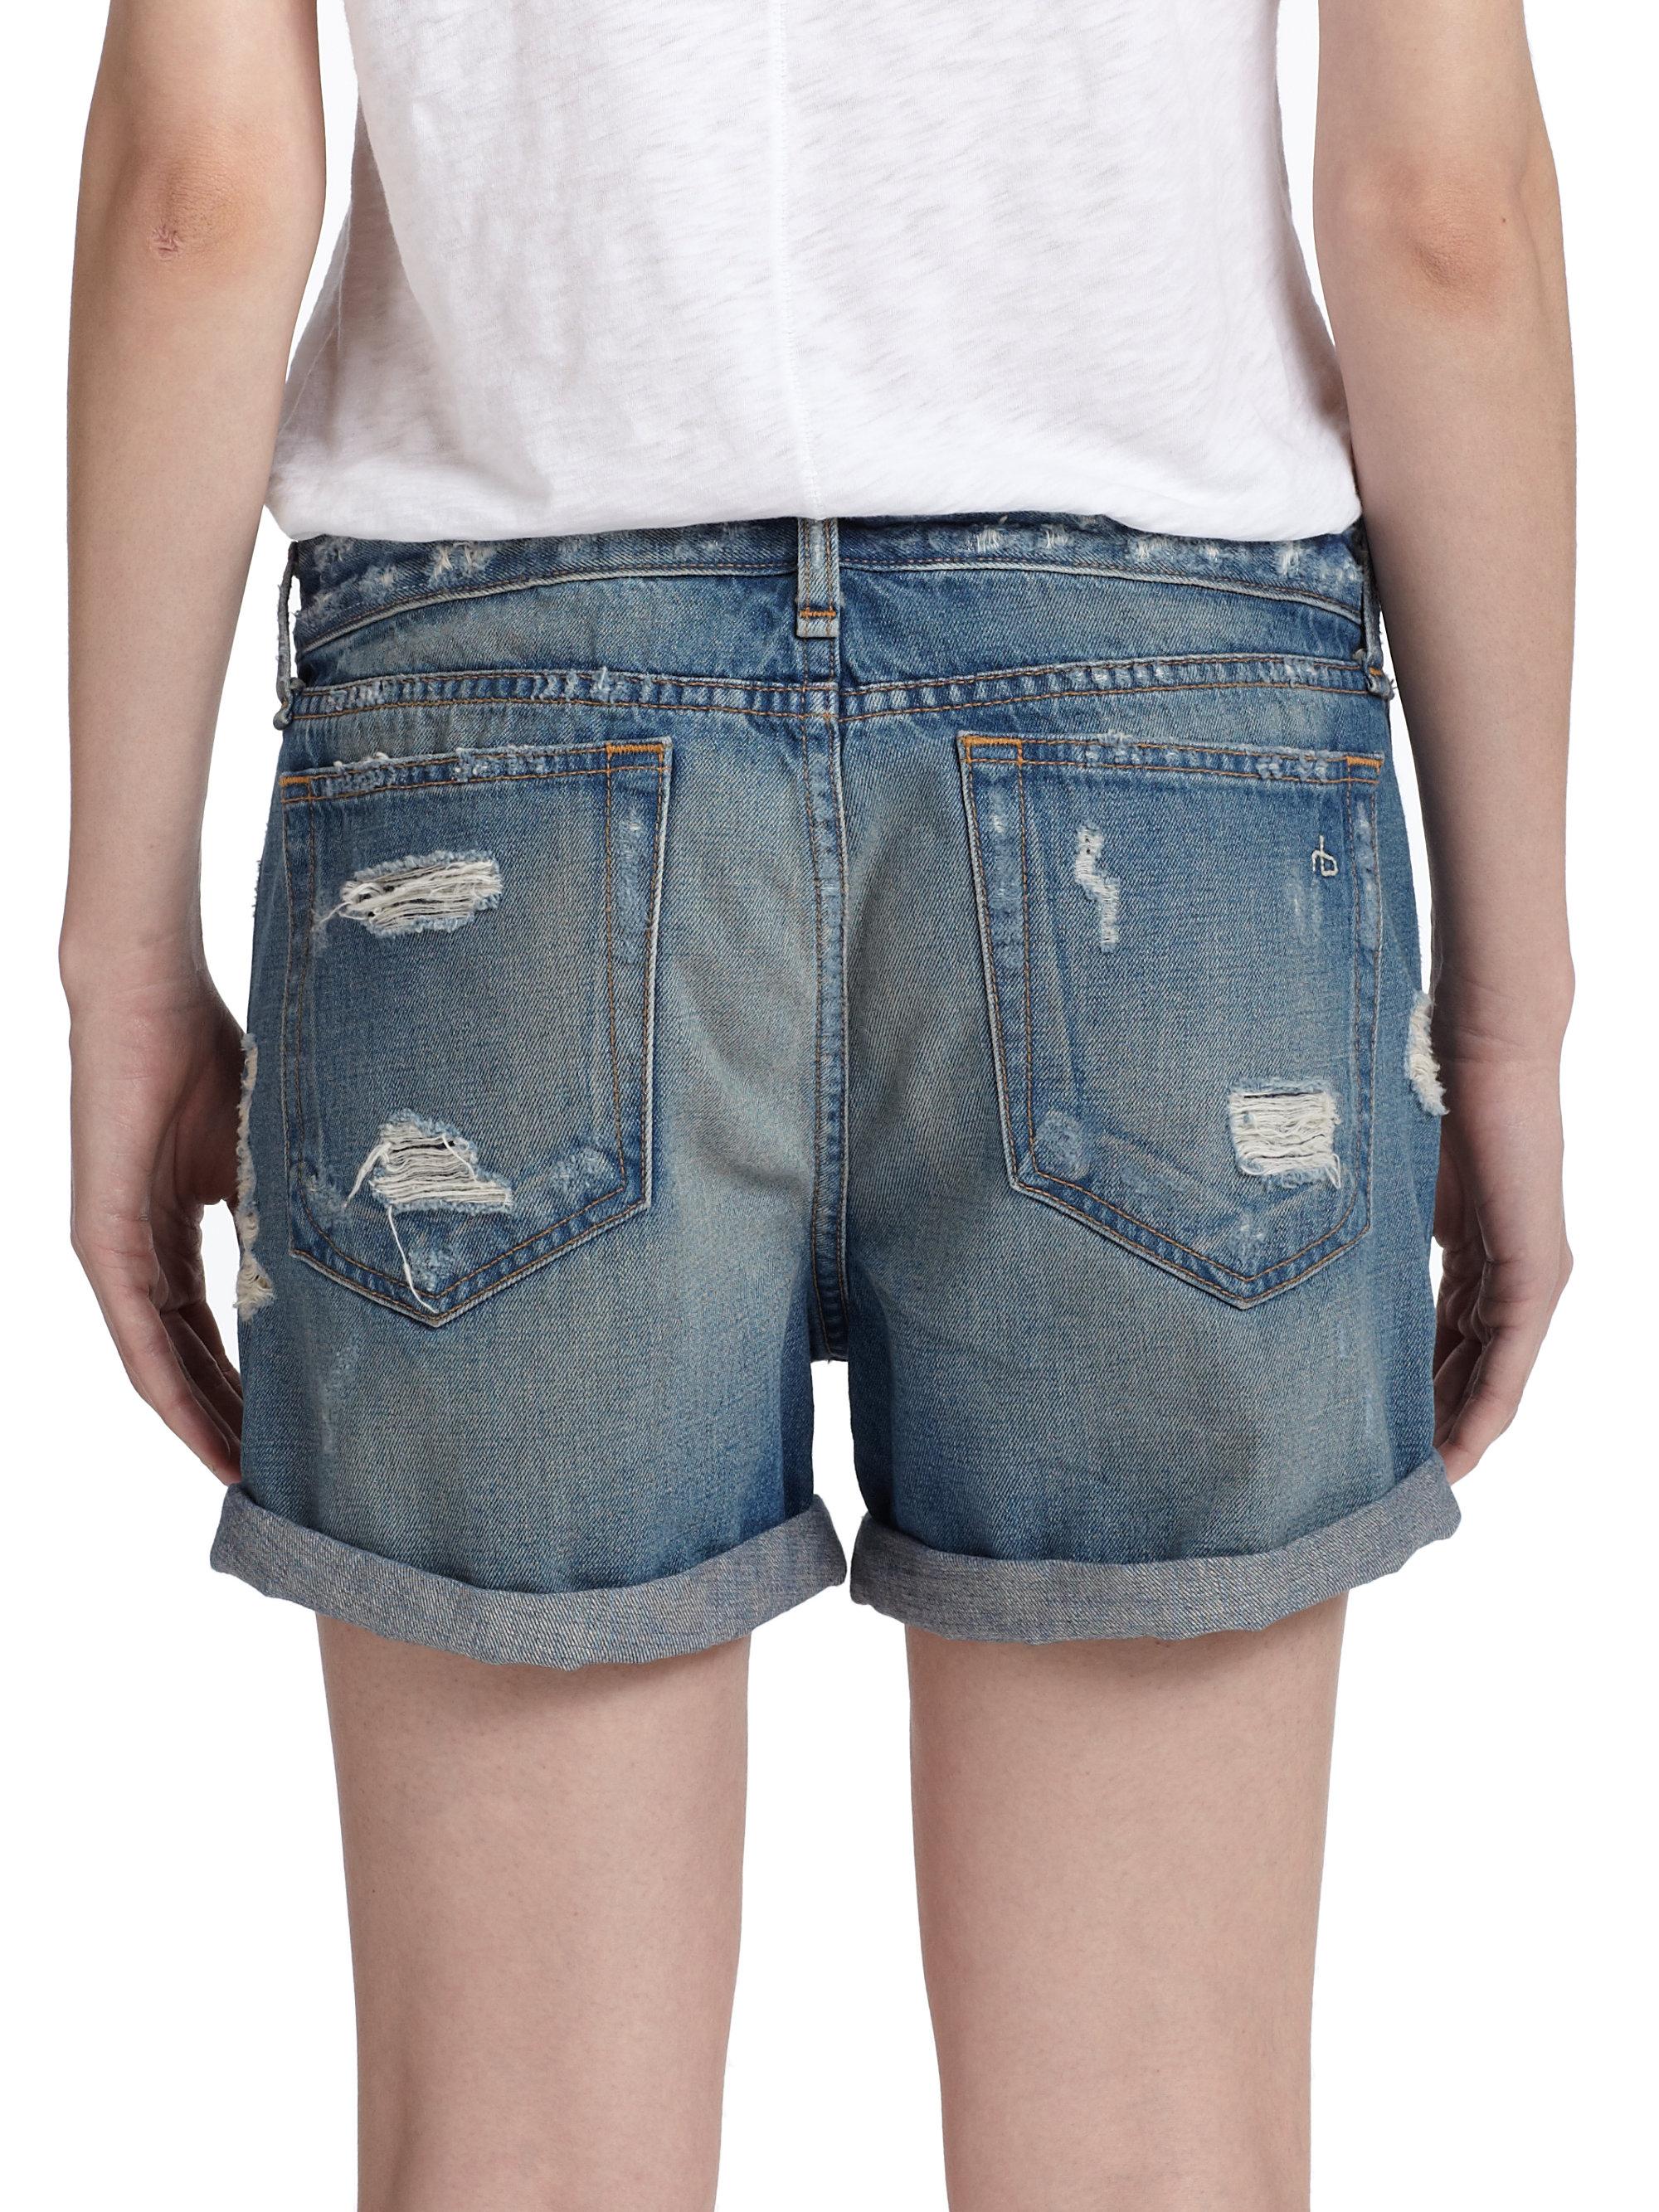 Rag & bone Distressed Boyfriend Shorts in Blue | Lyst